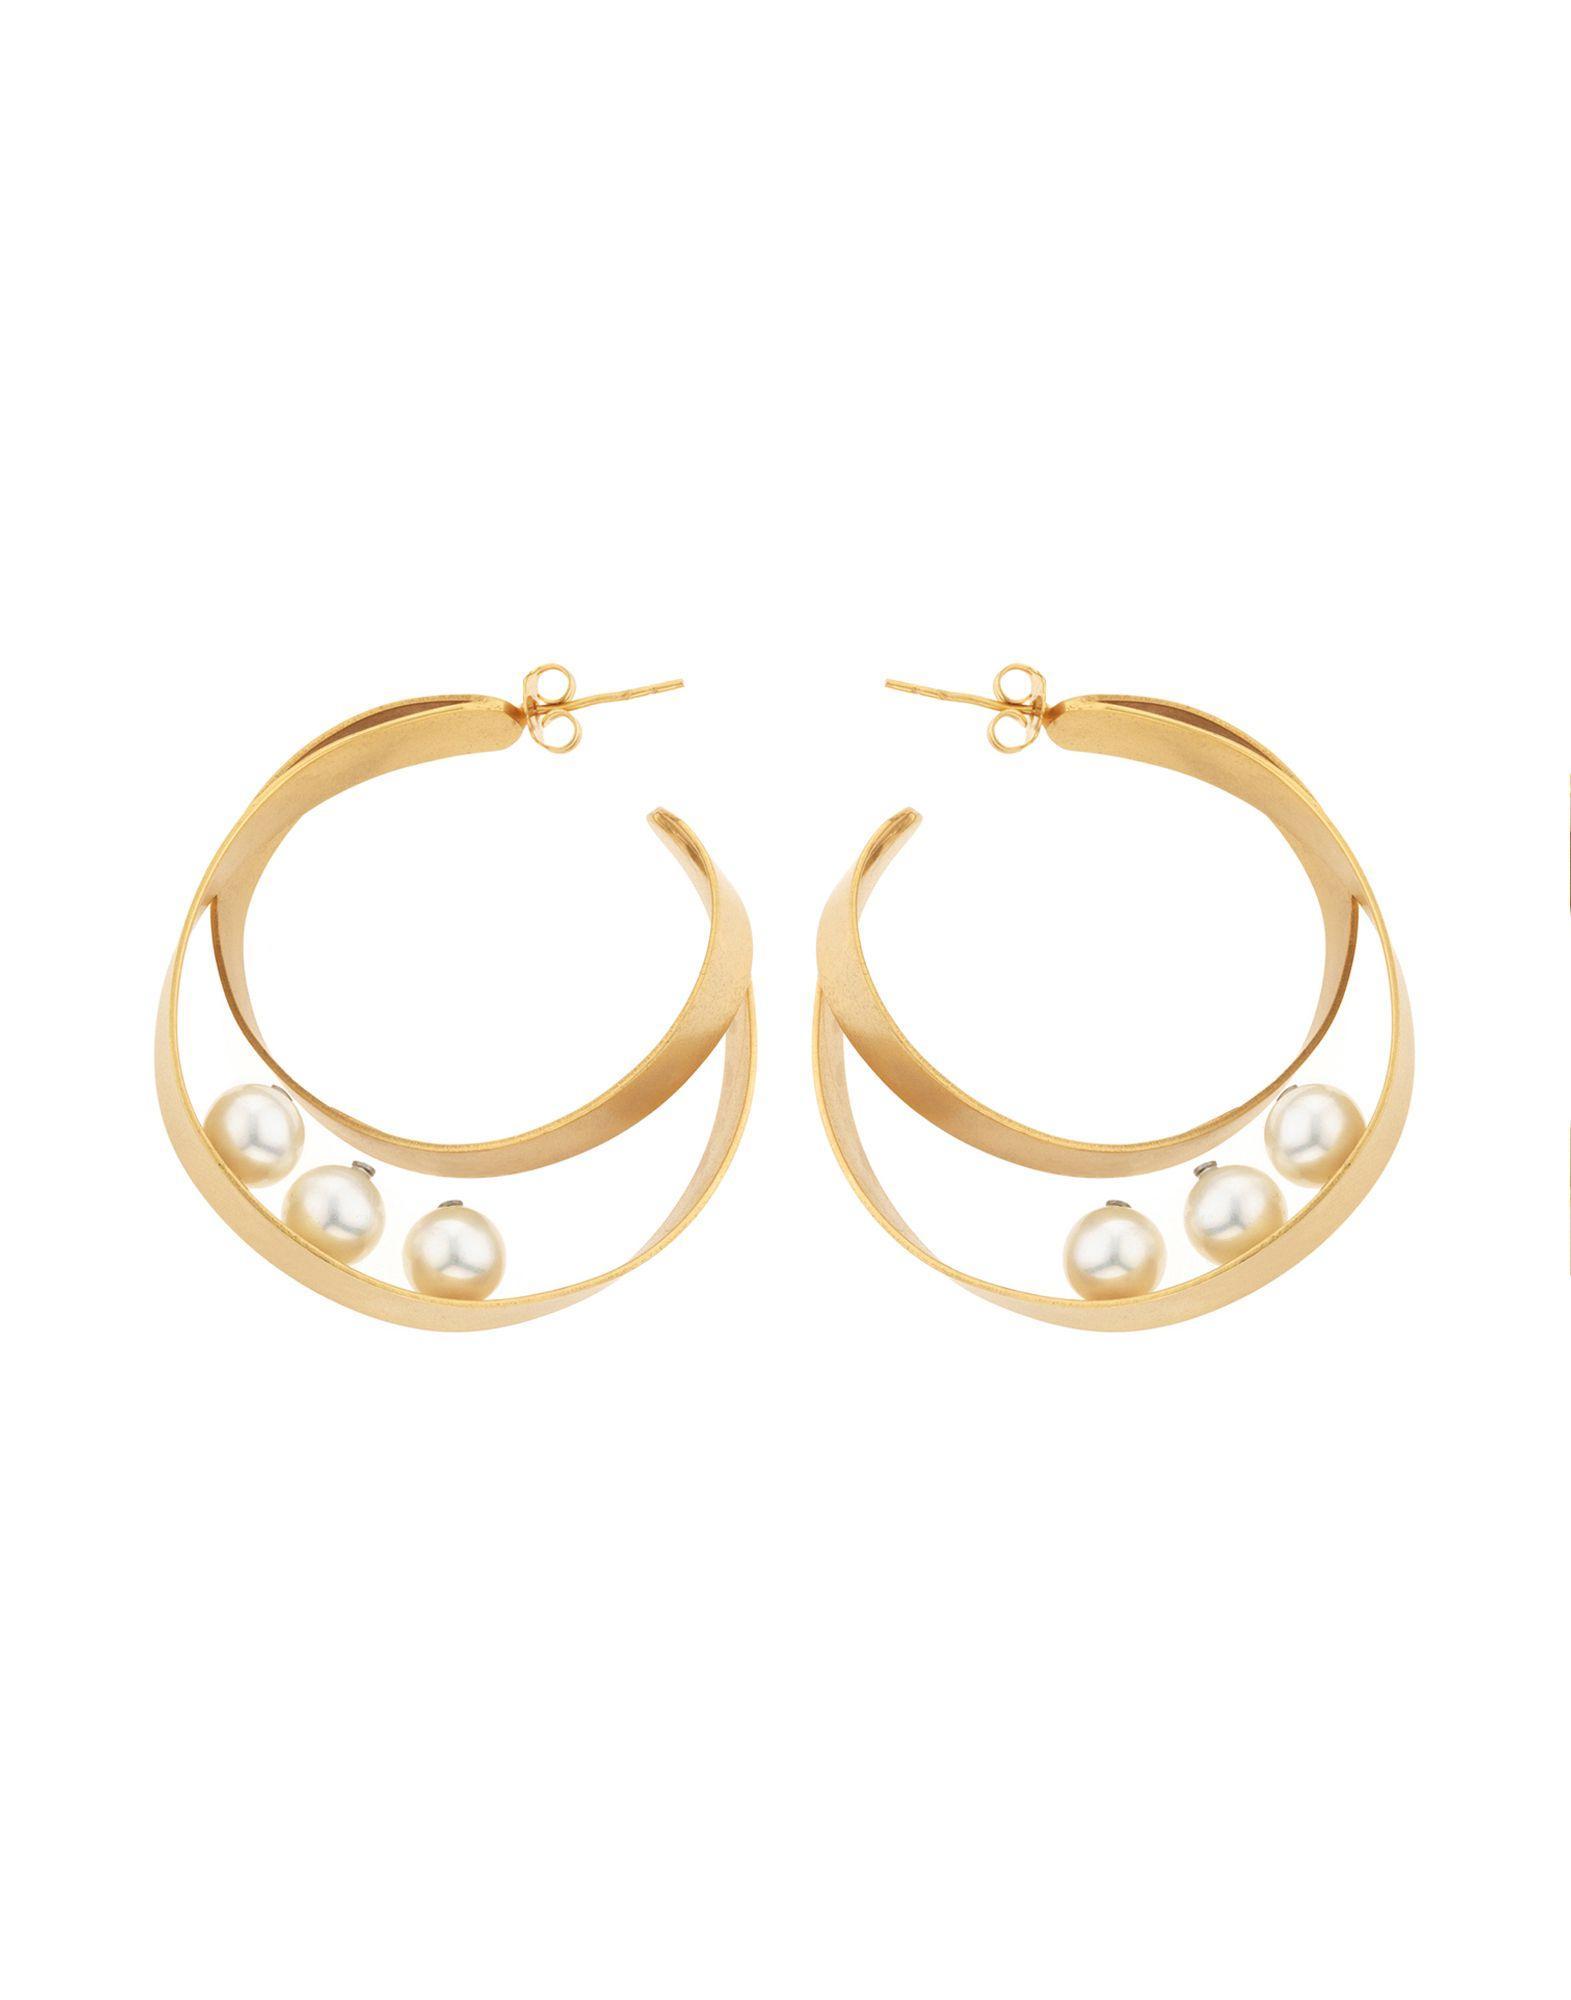 Sharra Pagano Earrings In Gold